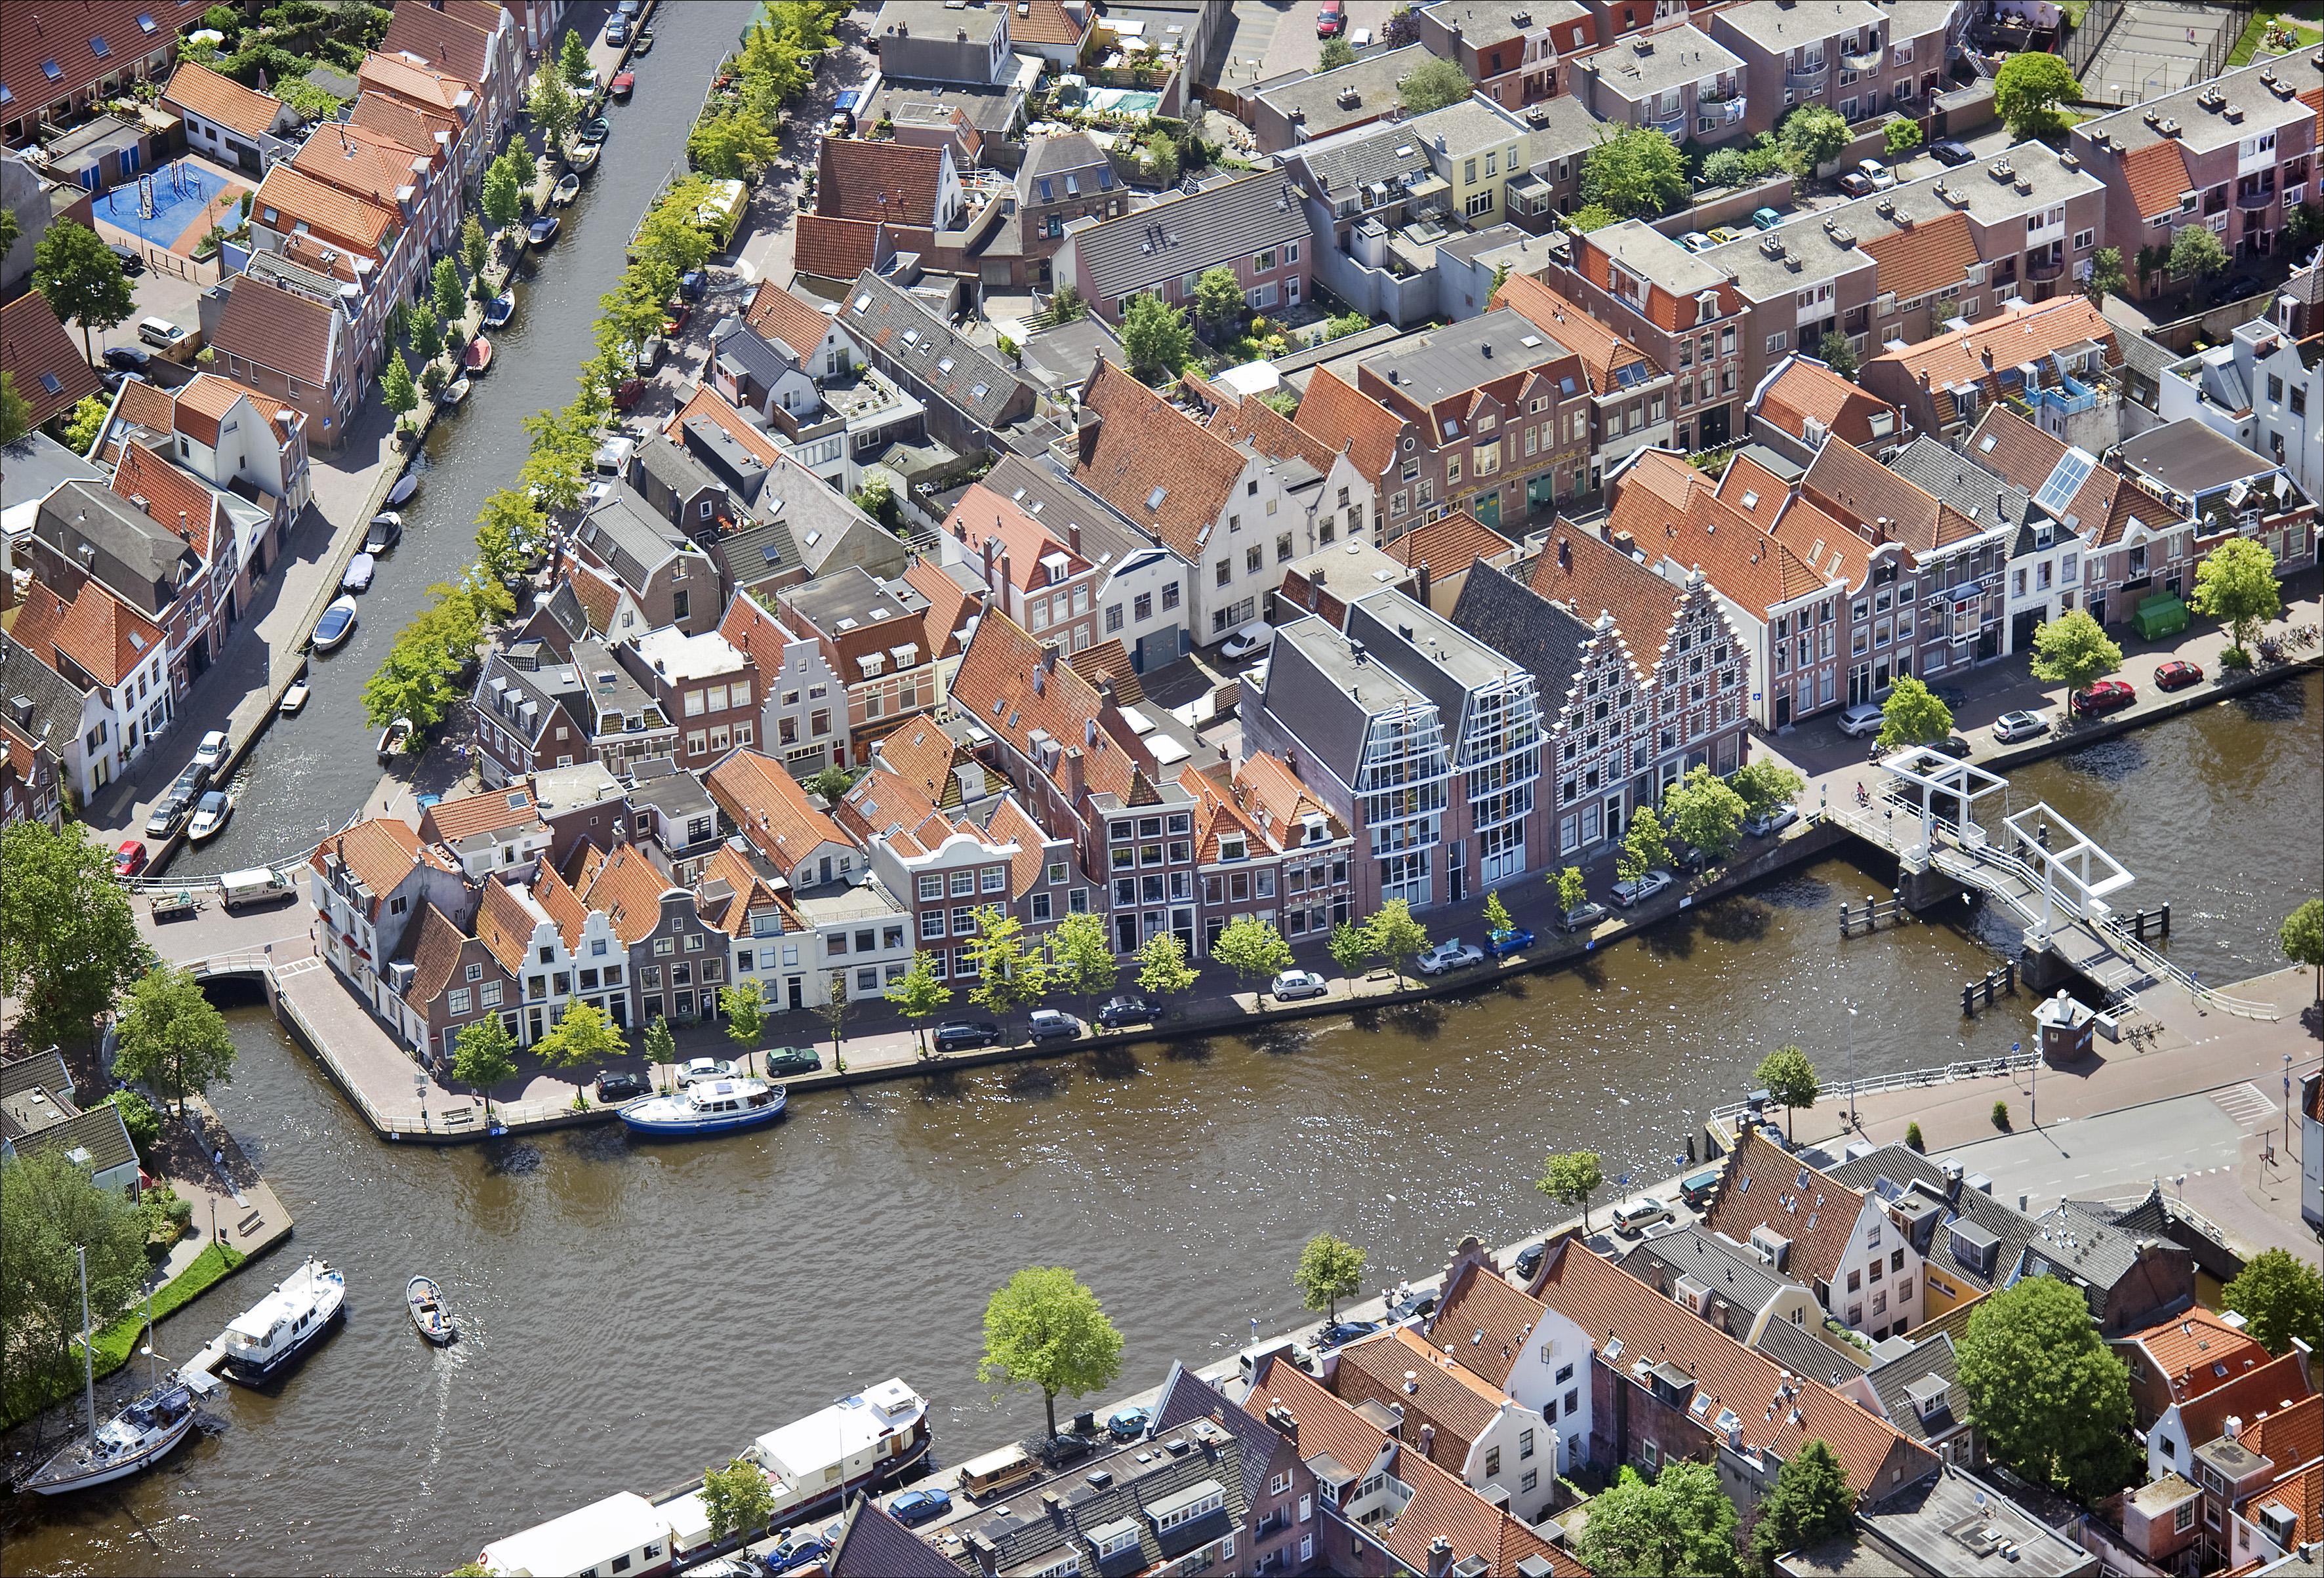 Vaartocht met Sinterklaas voor volwassenen, goedheiligman vertelt over architectuur en bijzondere Spaarne-bewoners